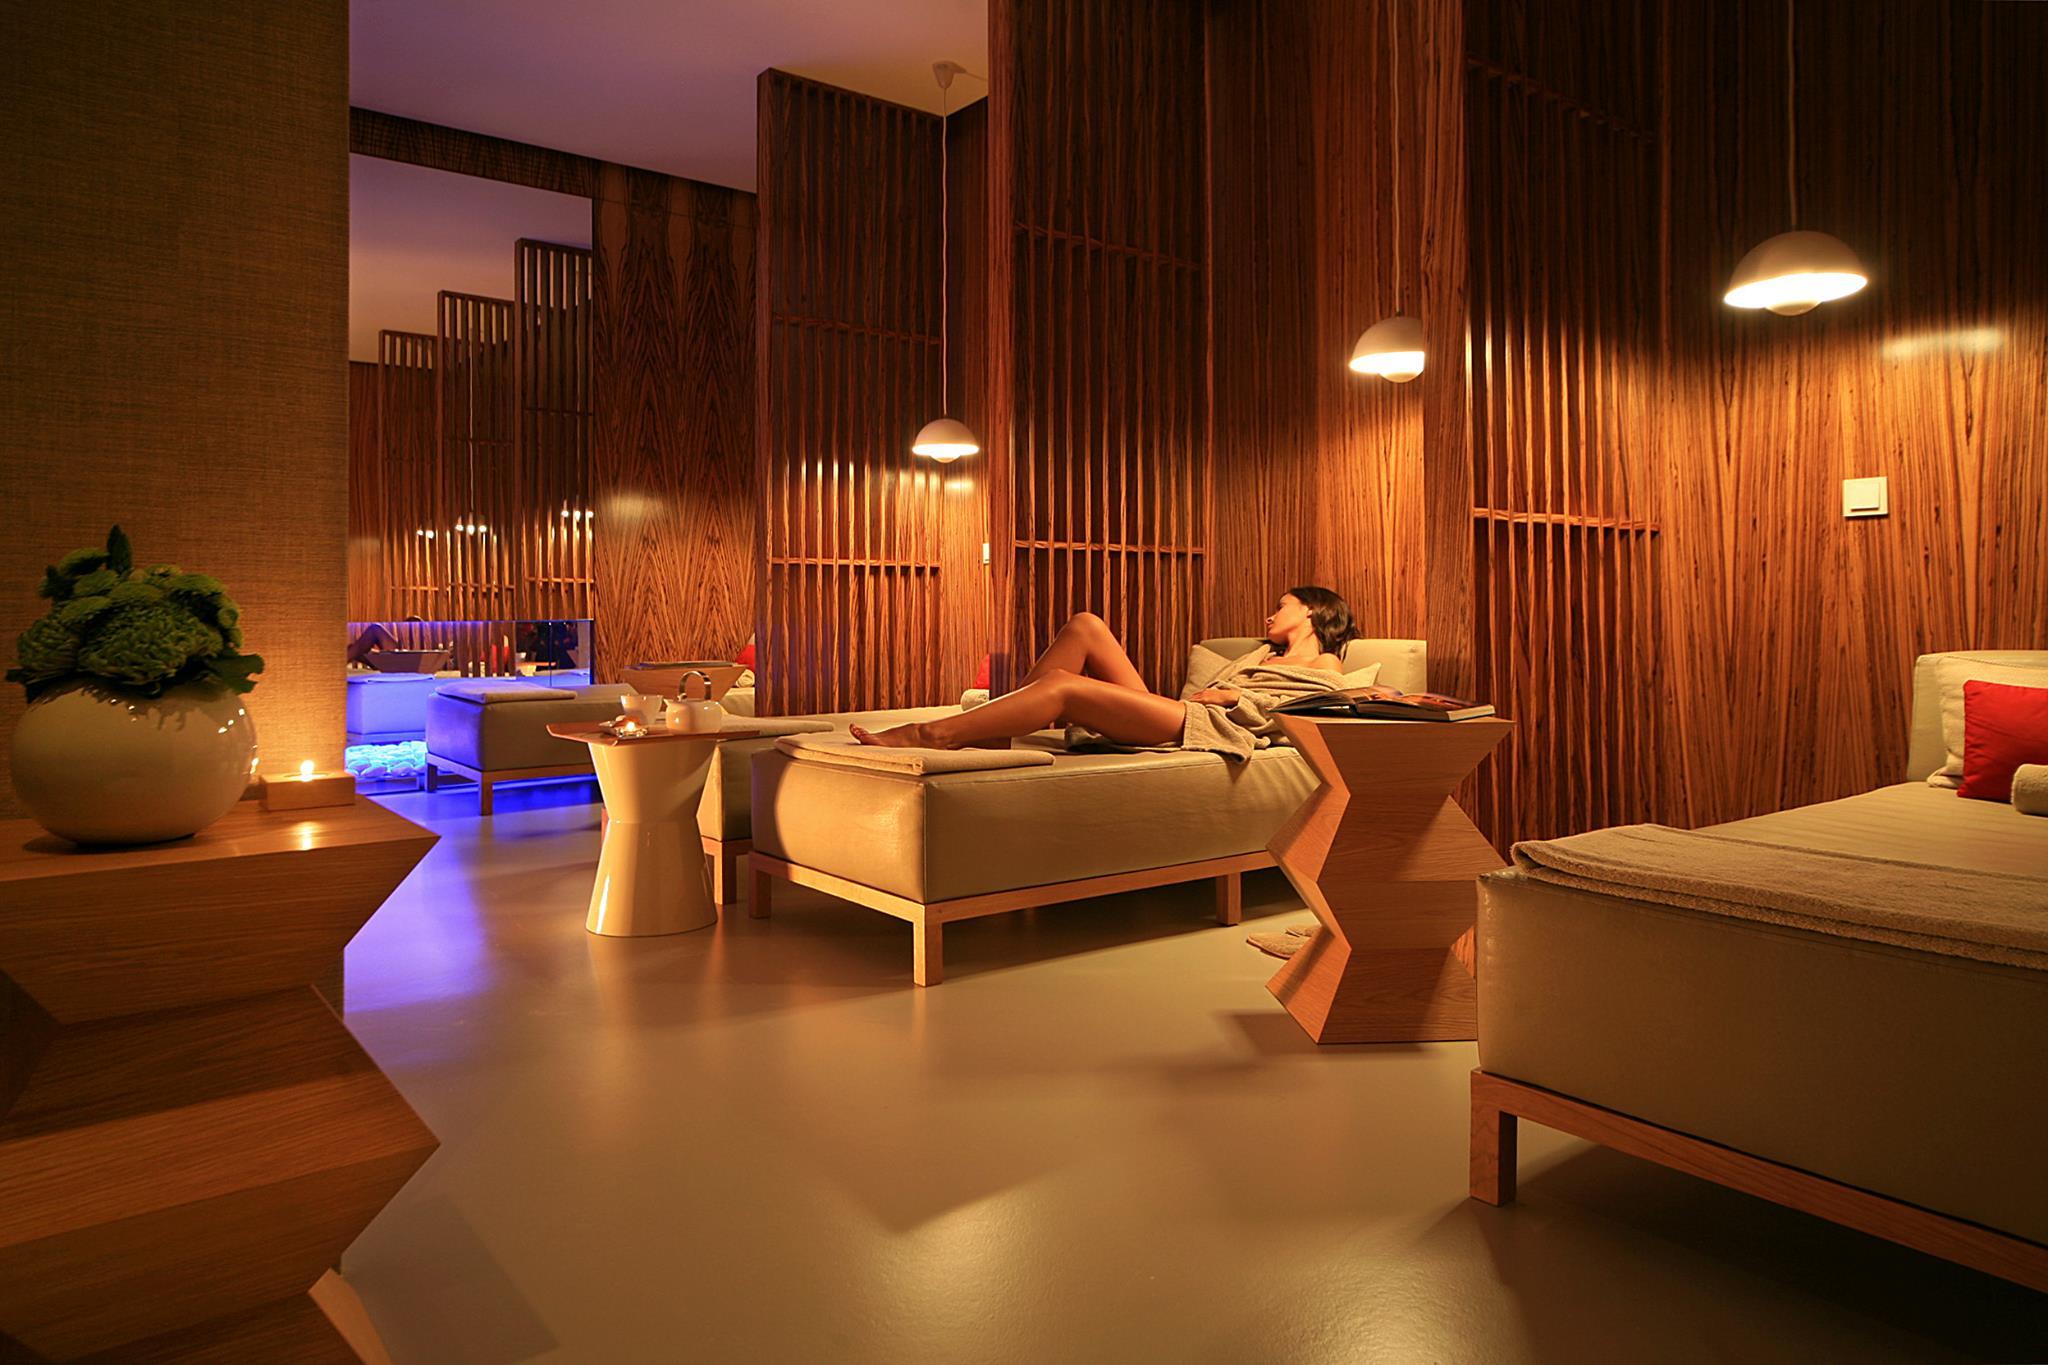 Les meilleurs spas de lisbonne week end et voyage lisbonne for Salle de relaxation